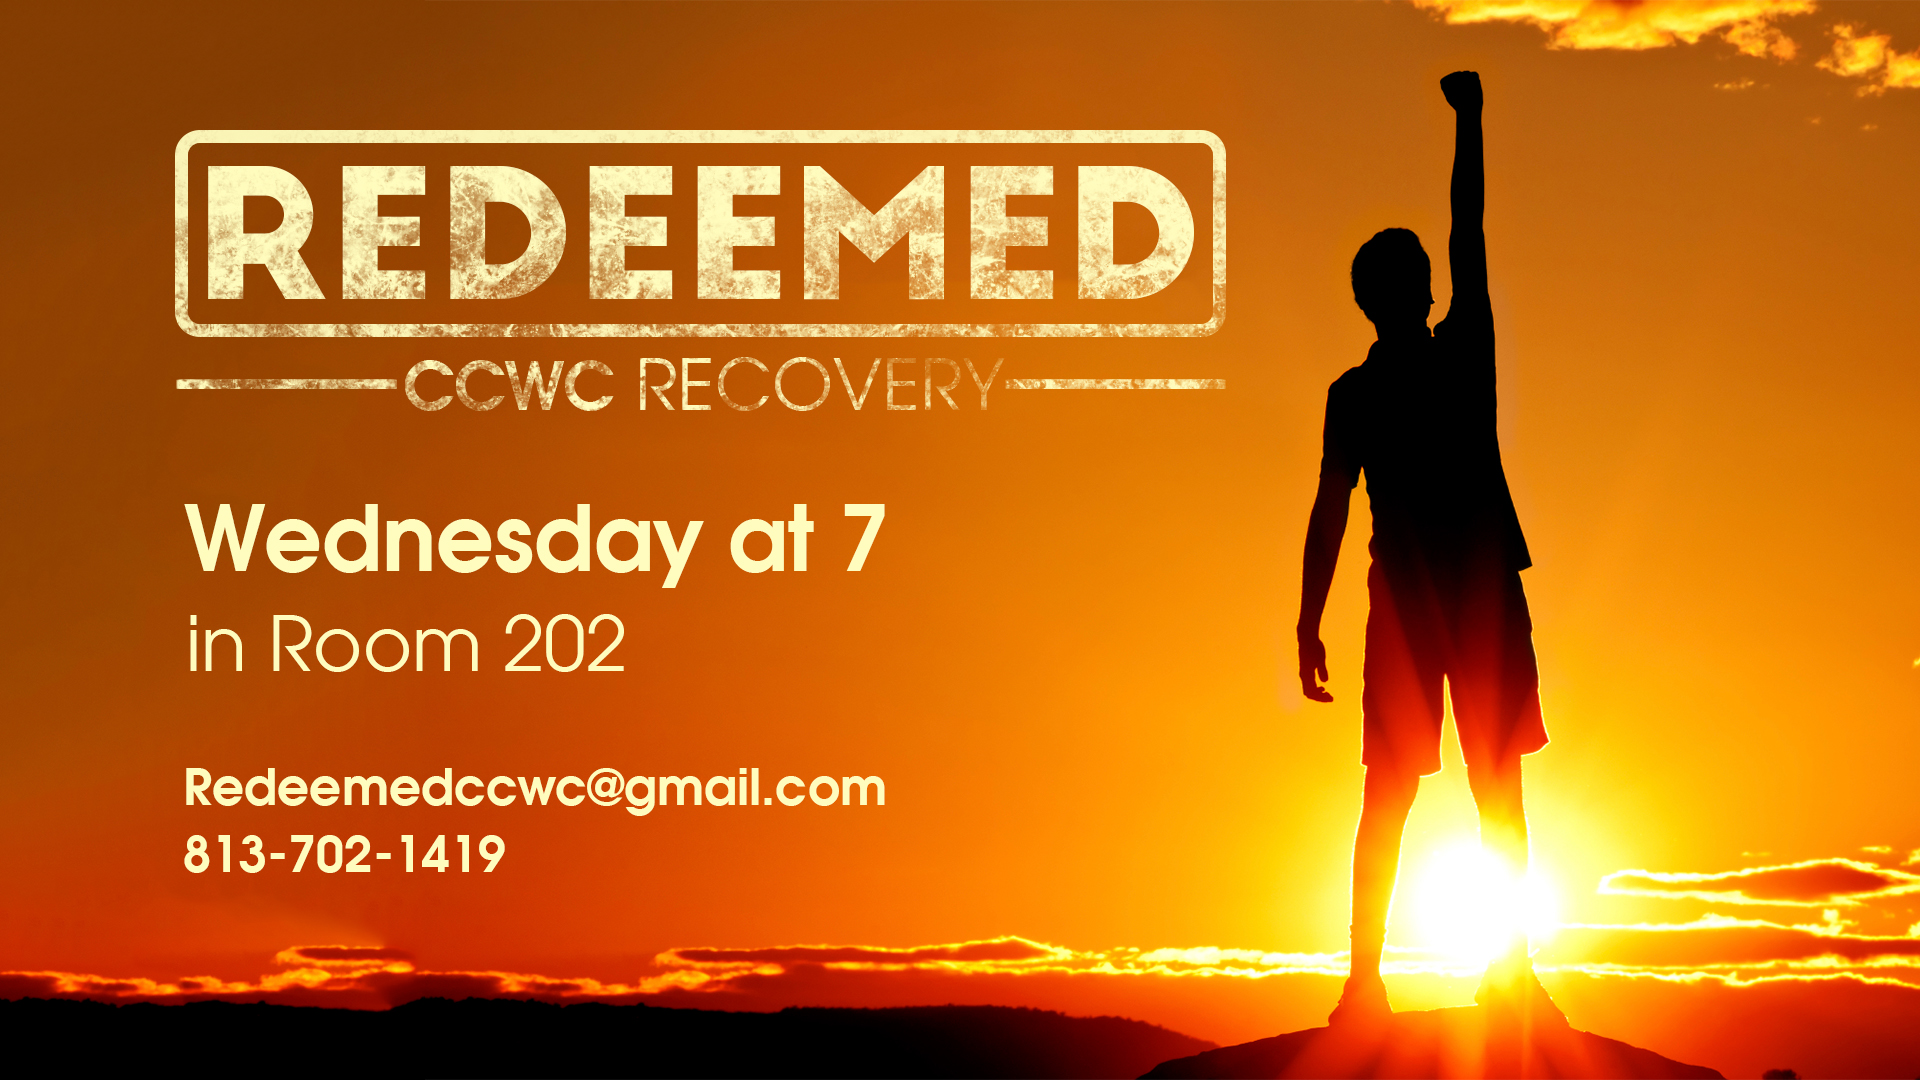 Redeemed Event